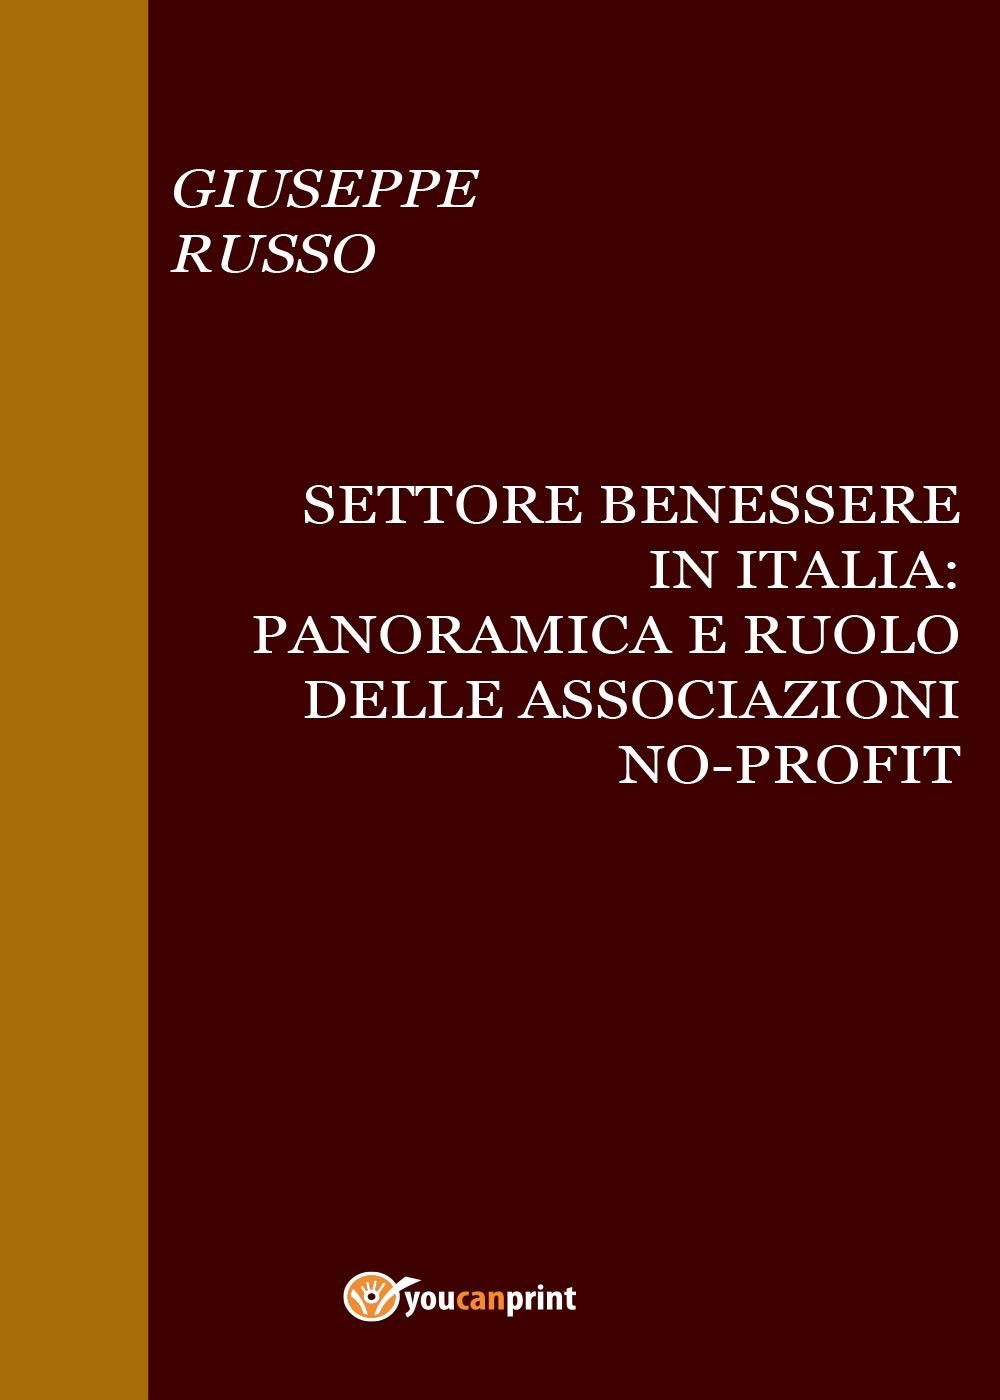 Settore Benessere in Italia: Panoramica e ruolo delle associazioni no-profit e del loro bilancio